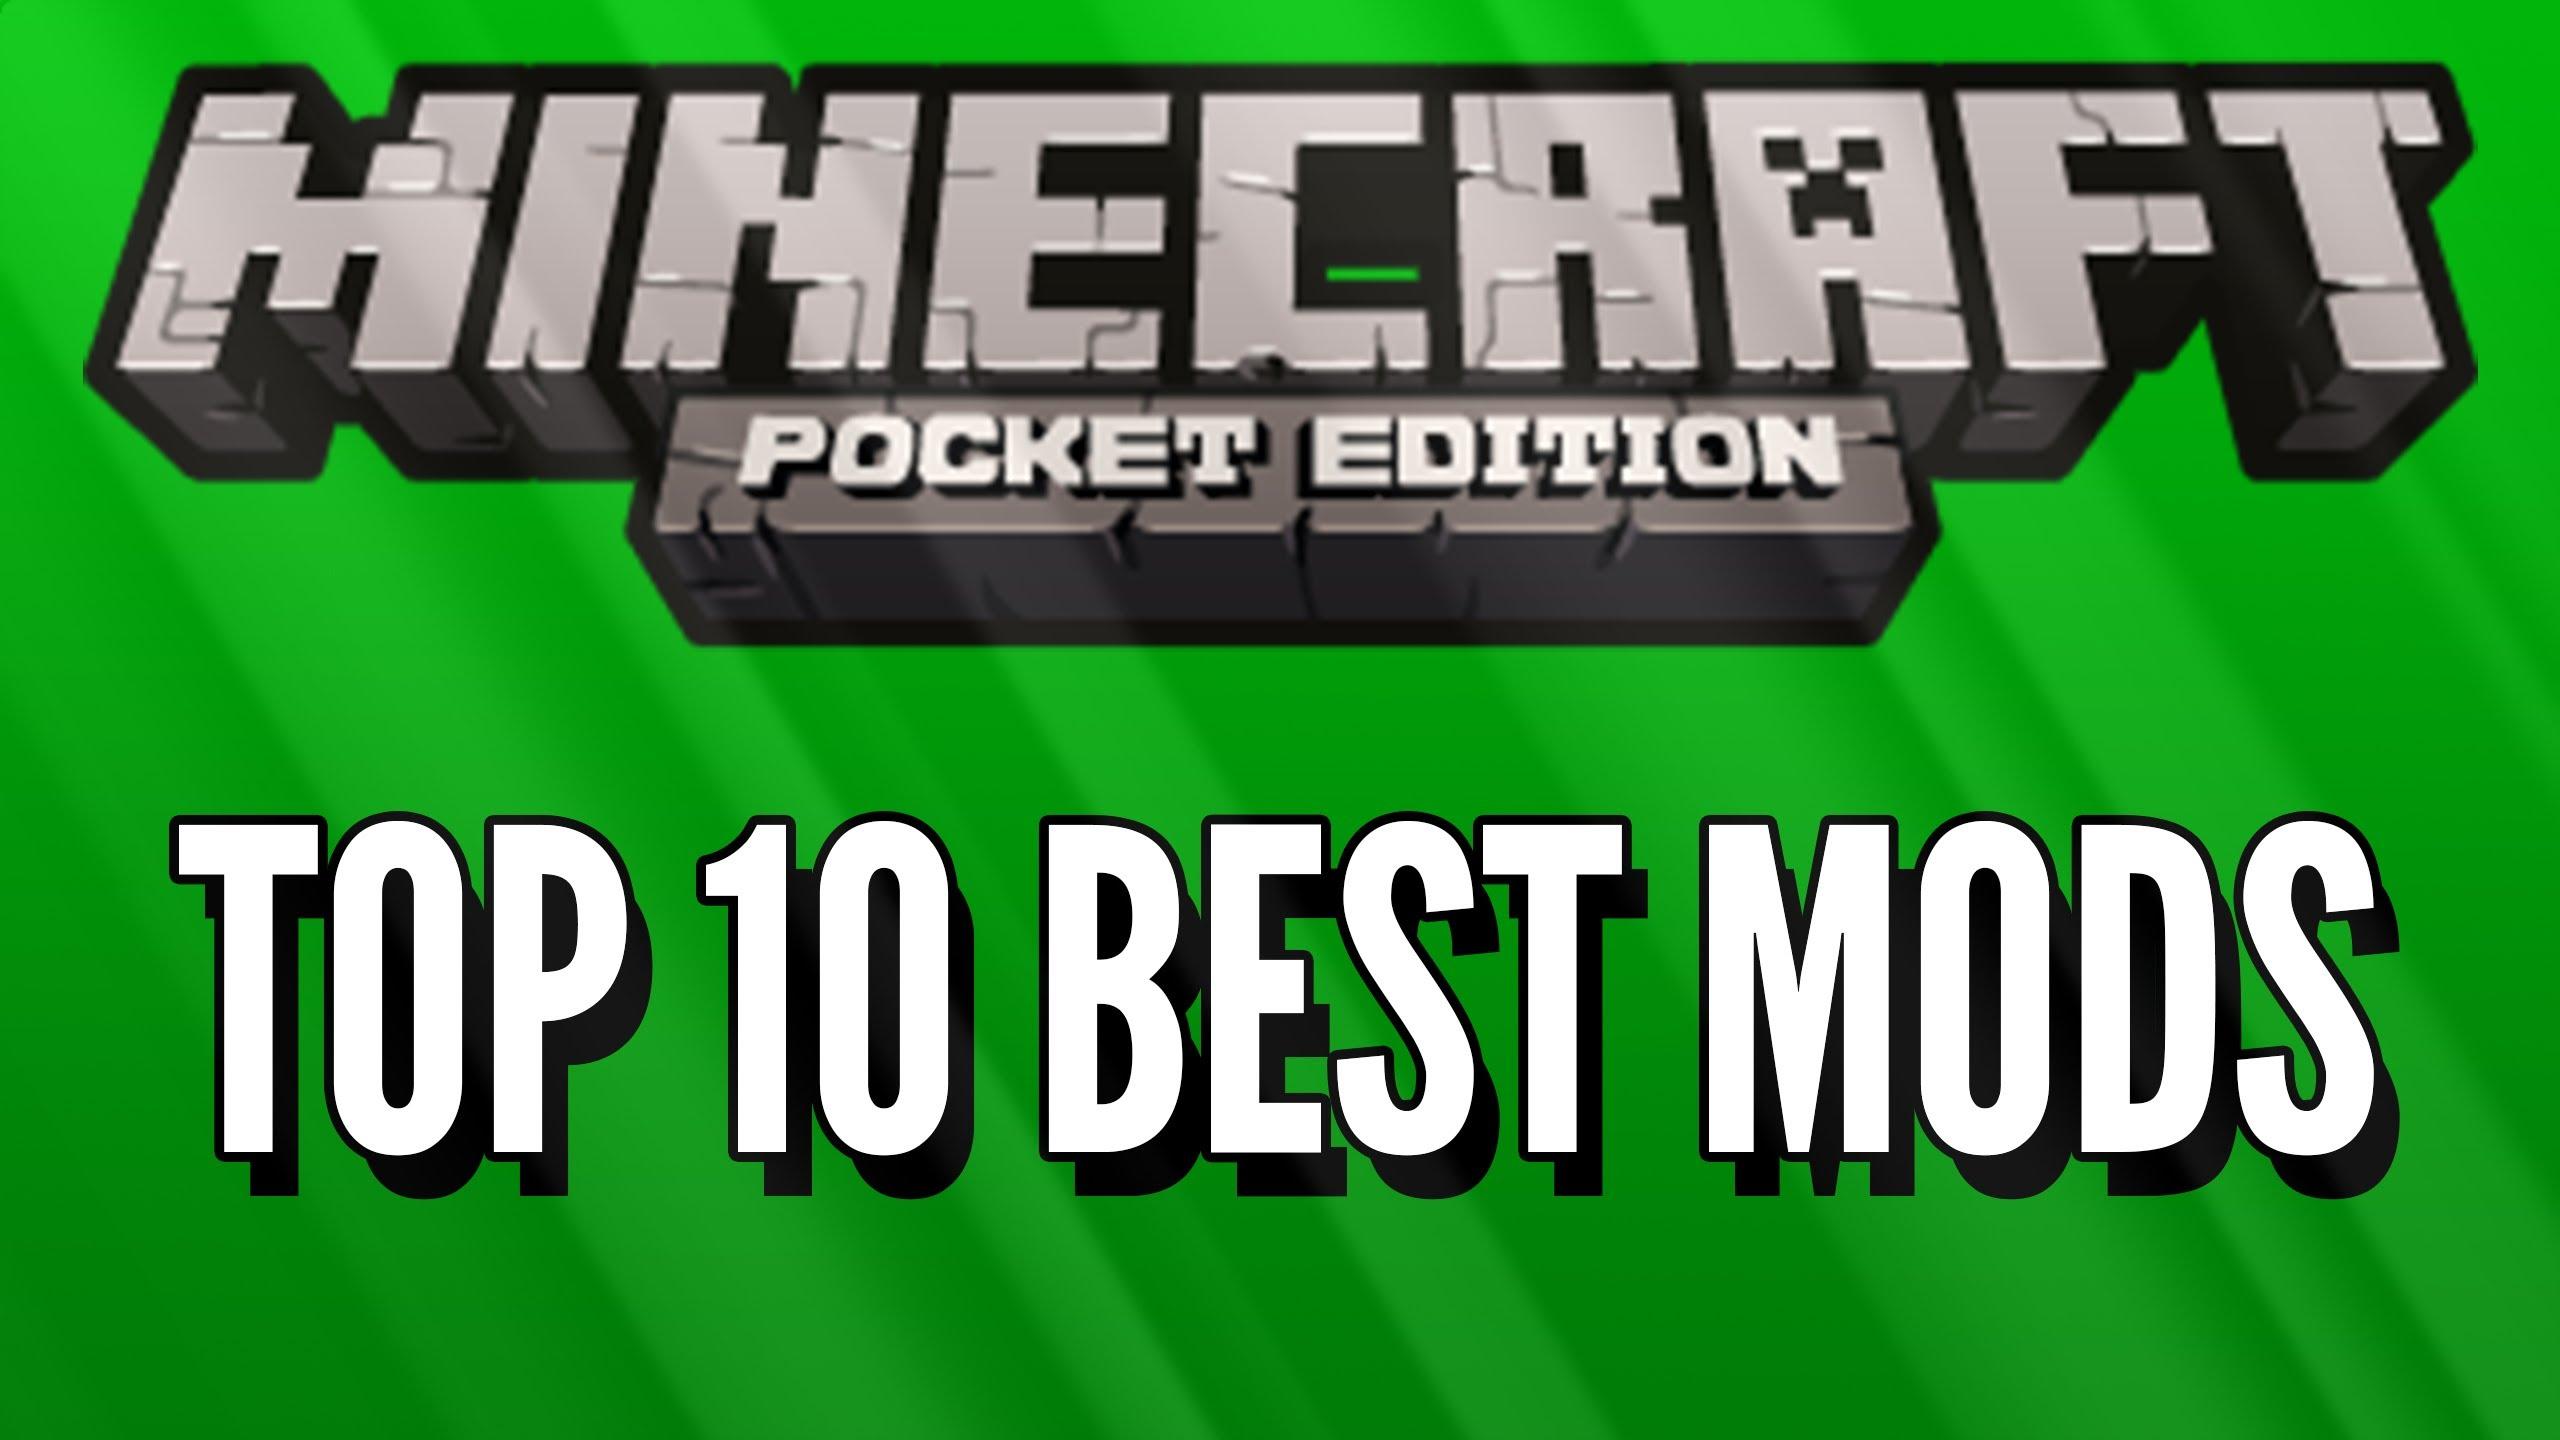 ТОП 10 лучших модов для Майнкрафт ПЕ 0.8.1!